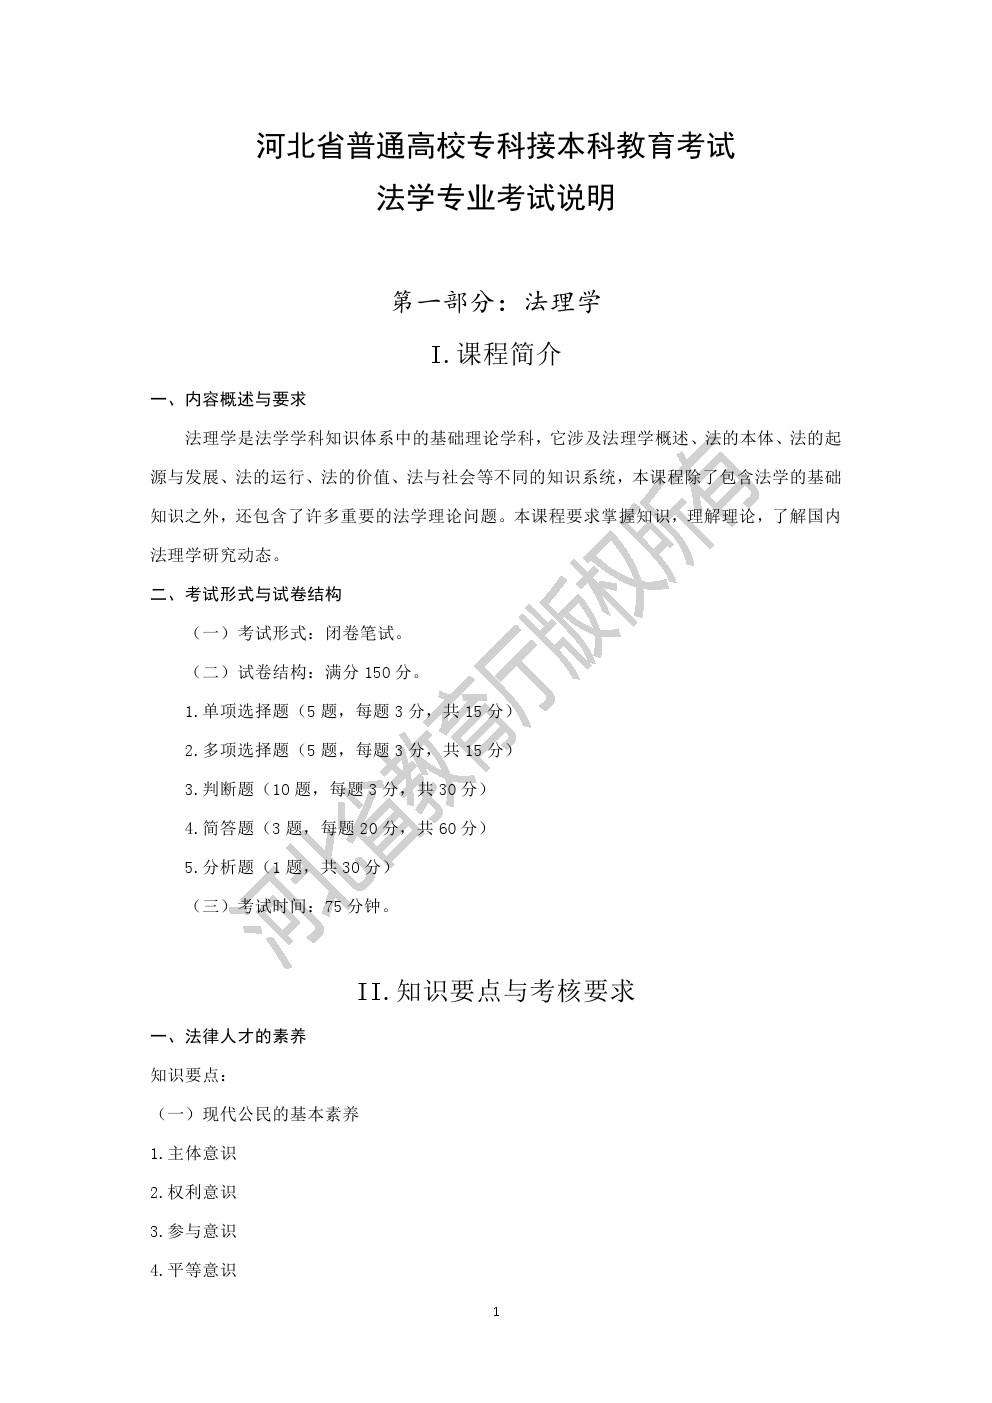 2020年河北省专接本考试文史类-法学专业考试说明(法理学、民法学)